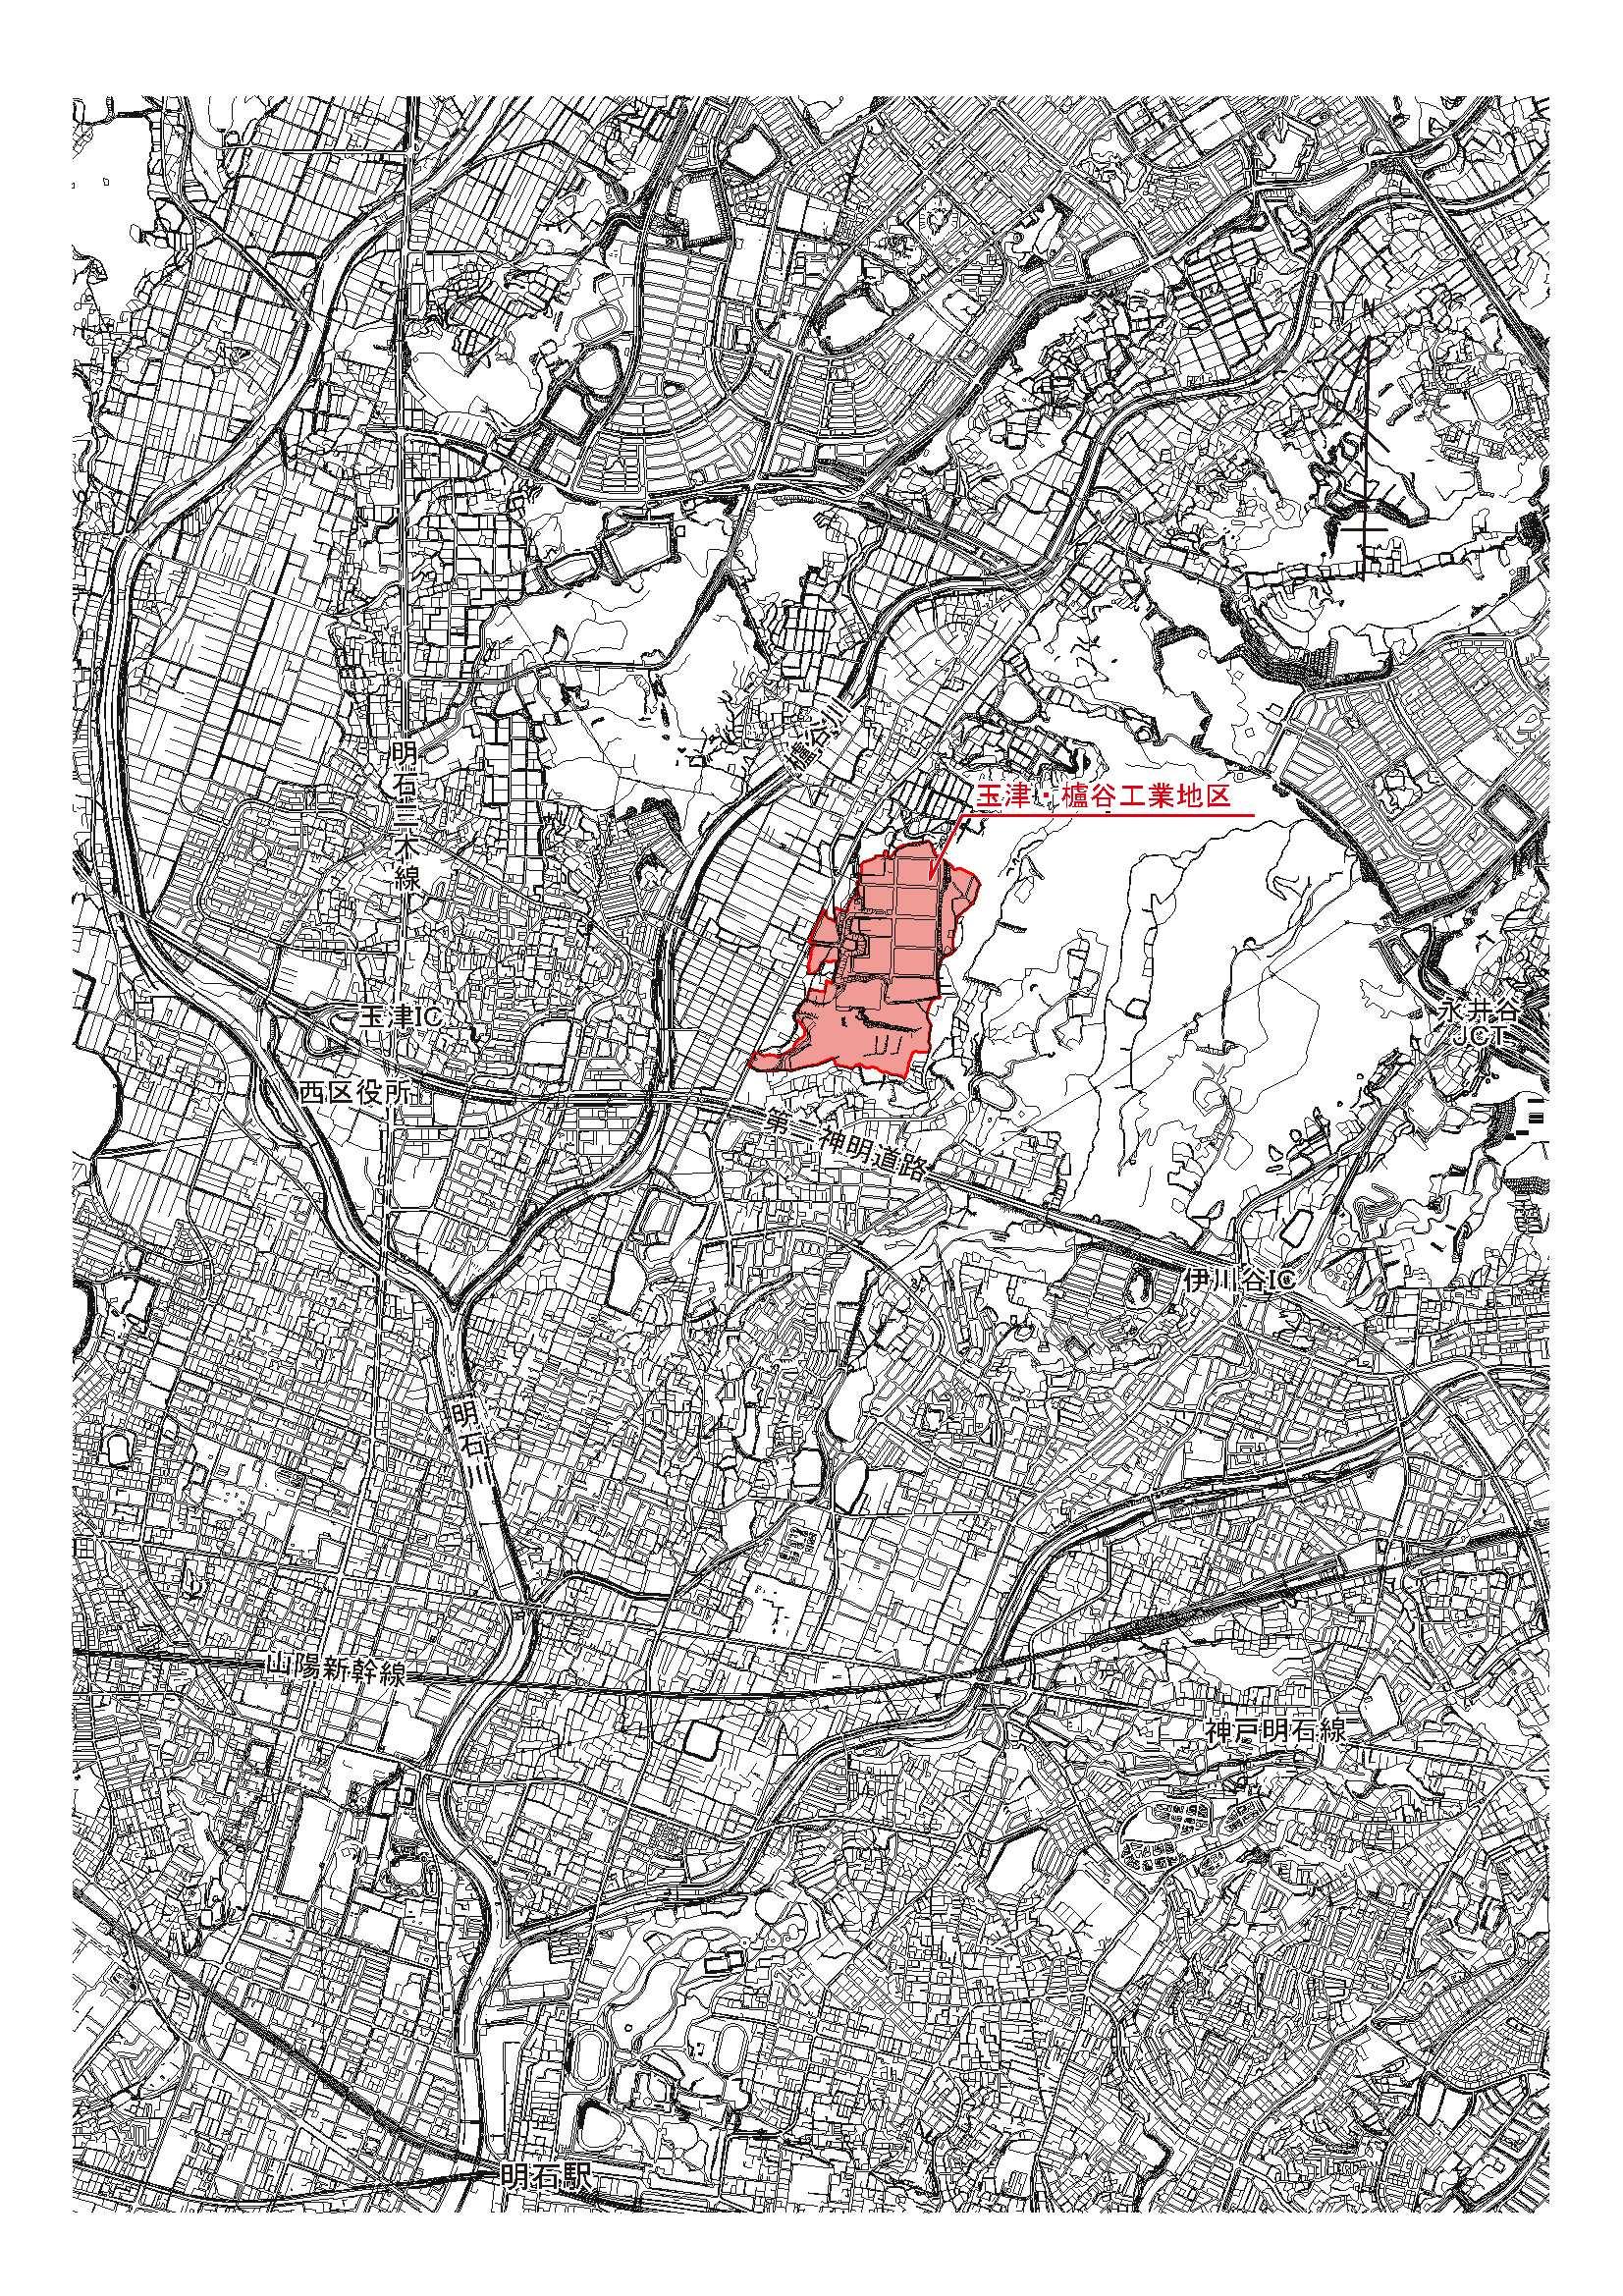 神戸市:玉津・櫨谷工業地区 地区計画